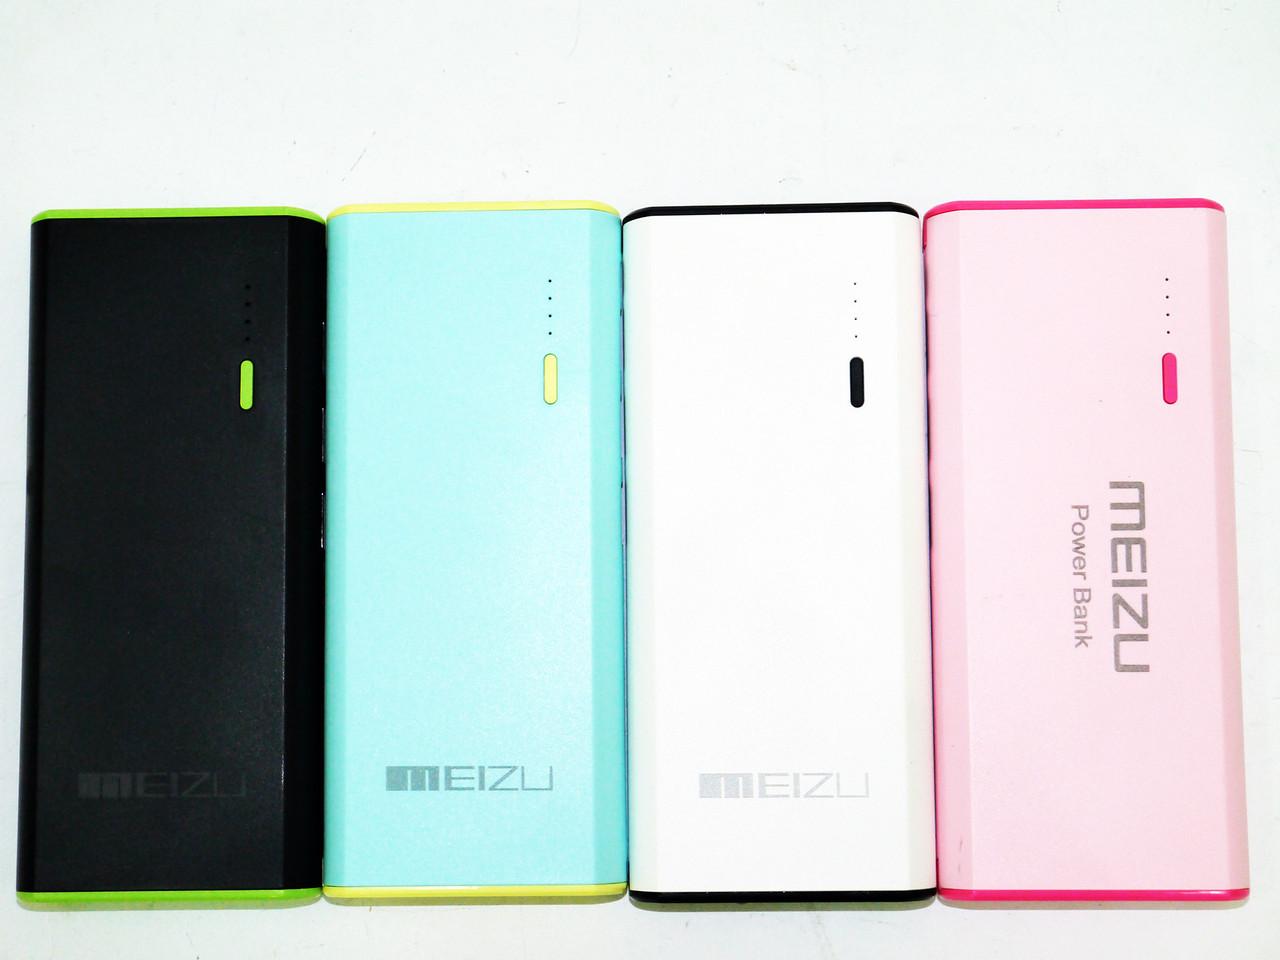 af77e041ce644 Зарядка Power Bank Meizu 30000 mAh на 3 USB LED фонарик , цена 204 ...